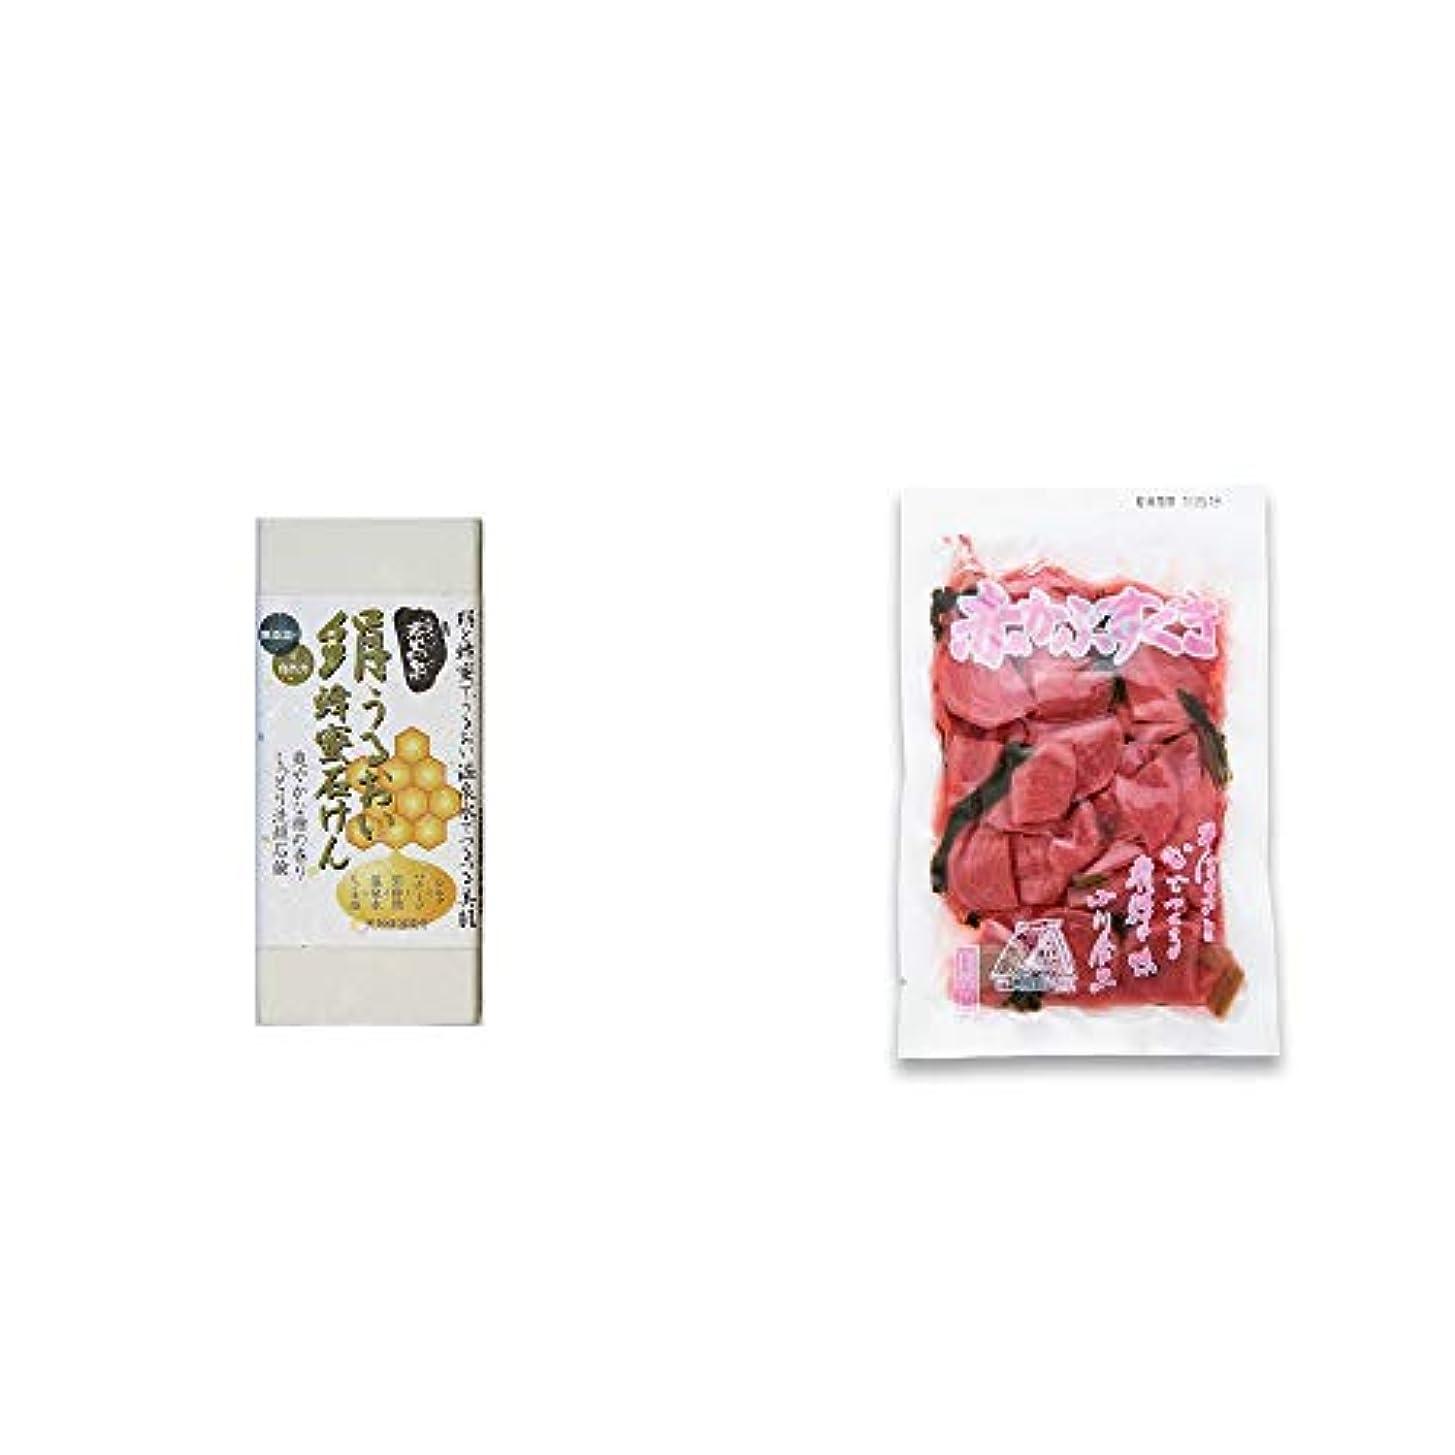 割合こんにちは強調[2点セット] ひのき炭黒泉 絹うるおい蜂蜜石けん(75g×2)?赤かぶすぐき(160g)